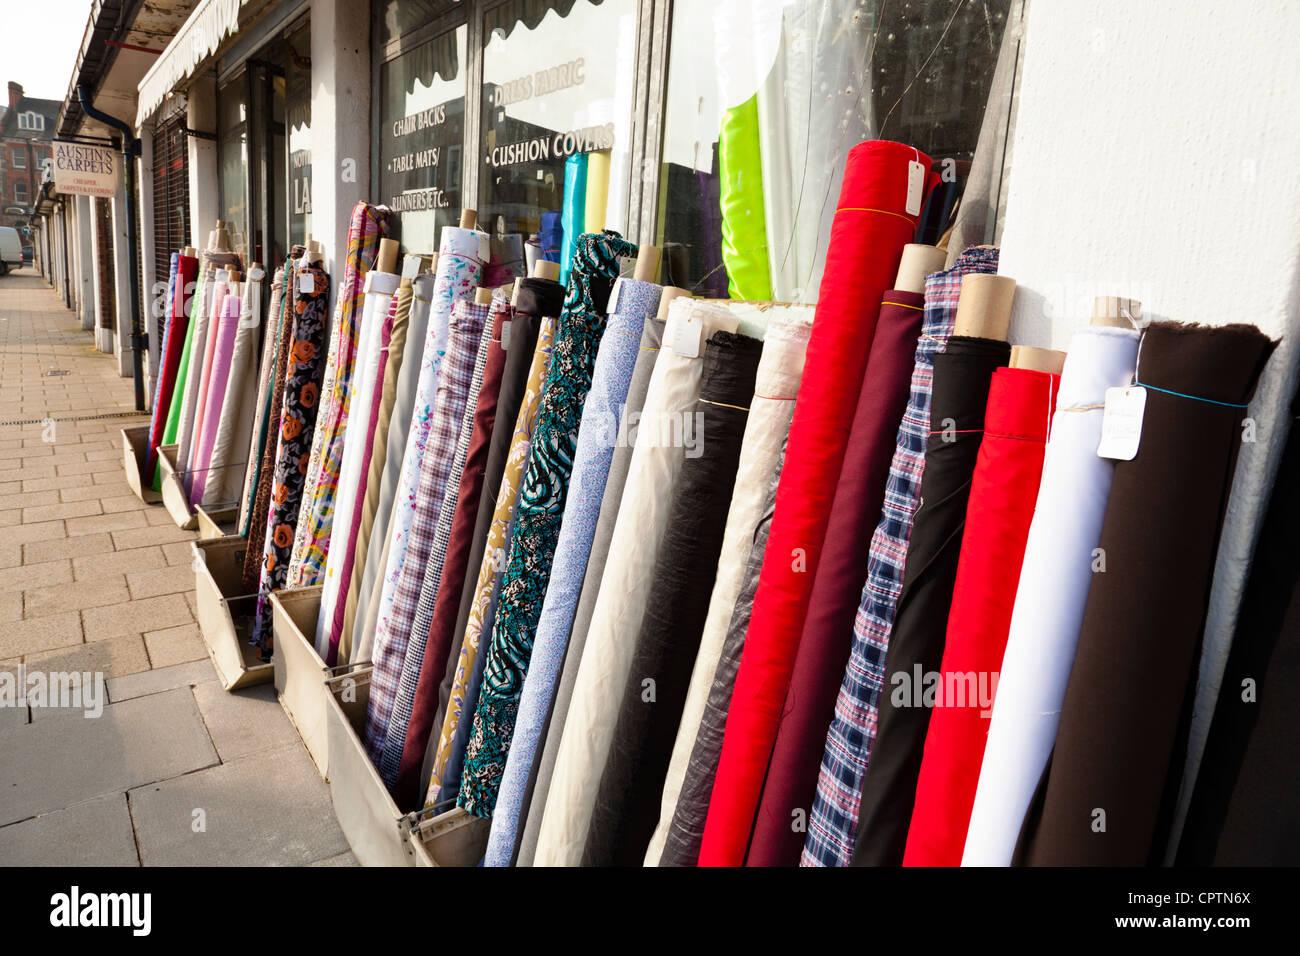 La mercerie boutique avec des rouleaux de tissu et de matériel à l'extérieur, marché Sneinton, Photo Stock